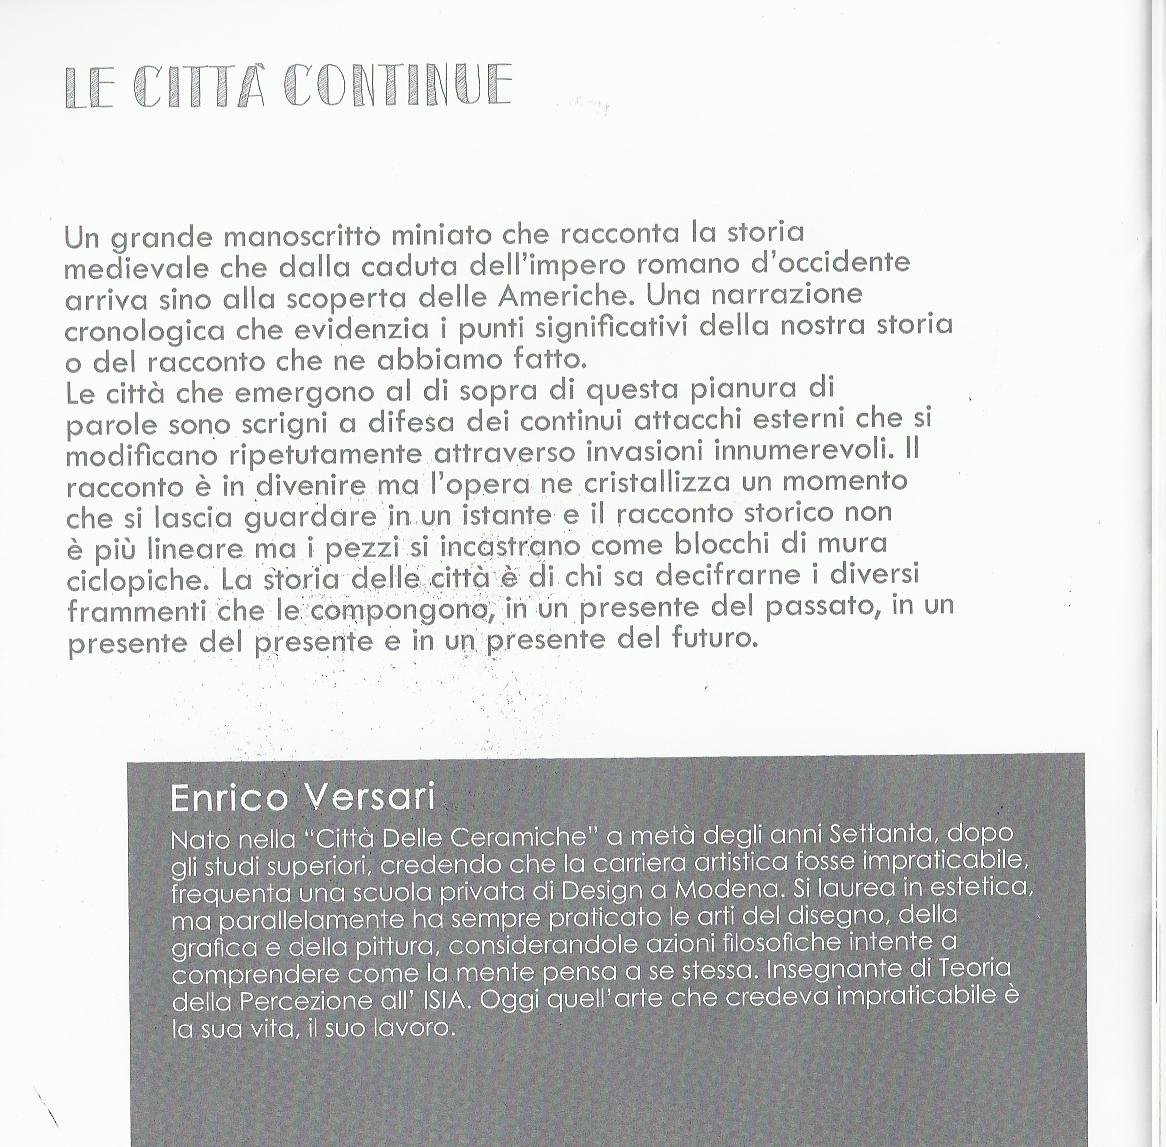 36-Le-città-Invisibili-a-cura-di-Paolo-Rambelli-e-Gianni-Zauli-2018-Chiesa-di-S.-Giacomo-Forlì-collettiva-3.jpg